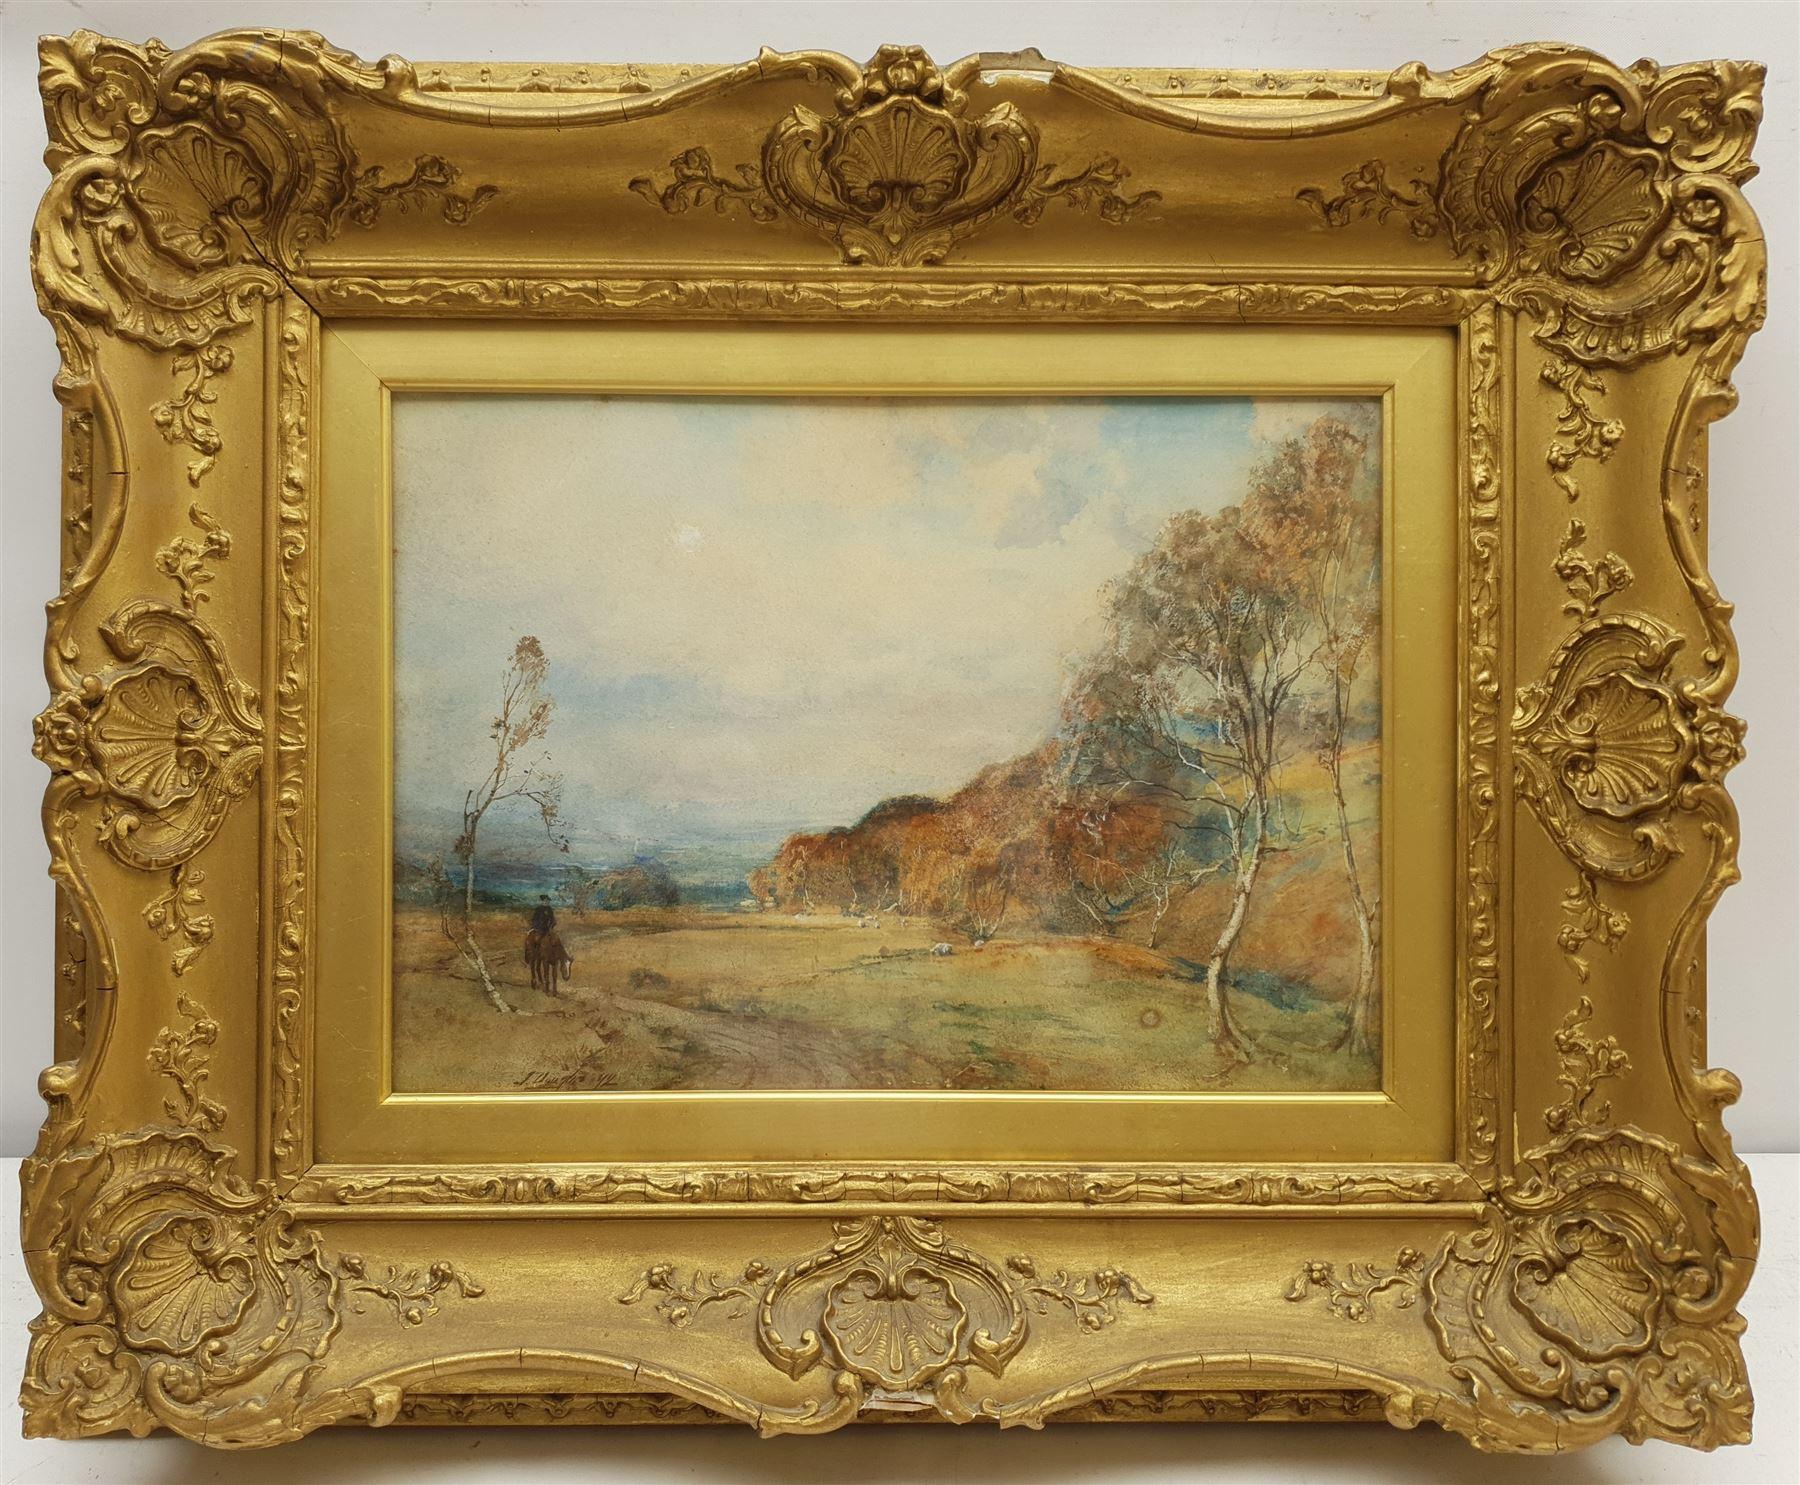 James Douglas (Scottish 1858-1911): Landscape with Sheep and Rider on Horseback - Image 2 of 4